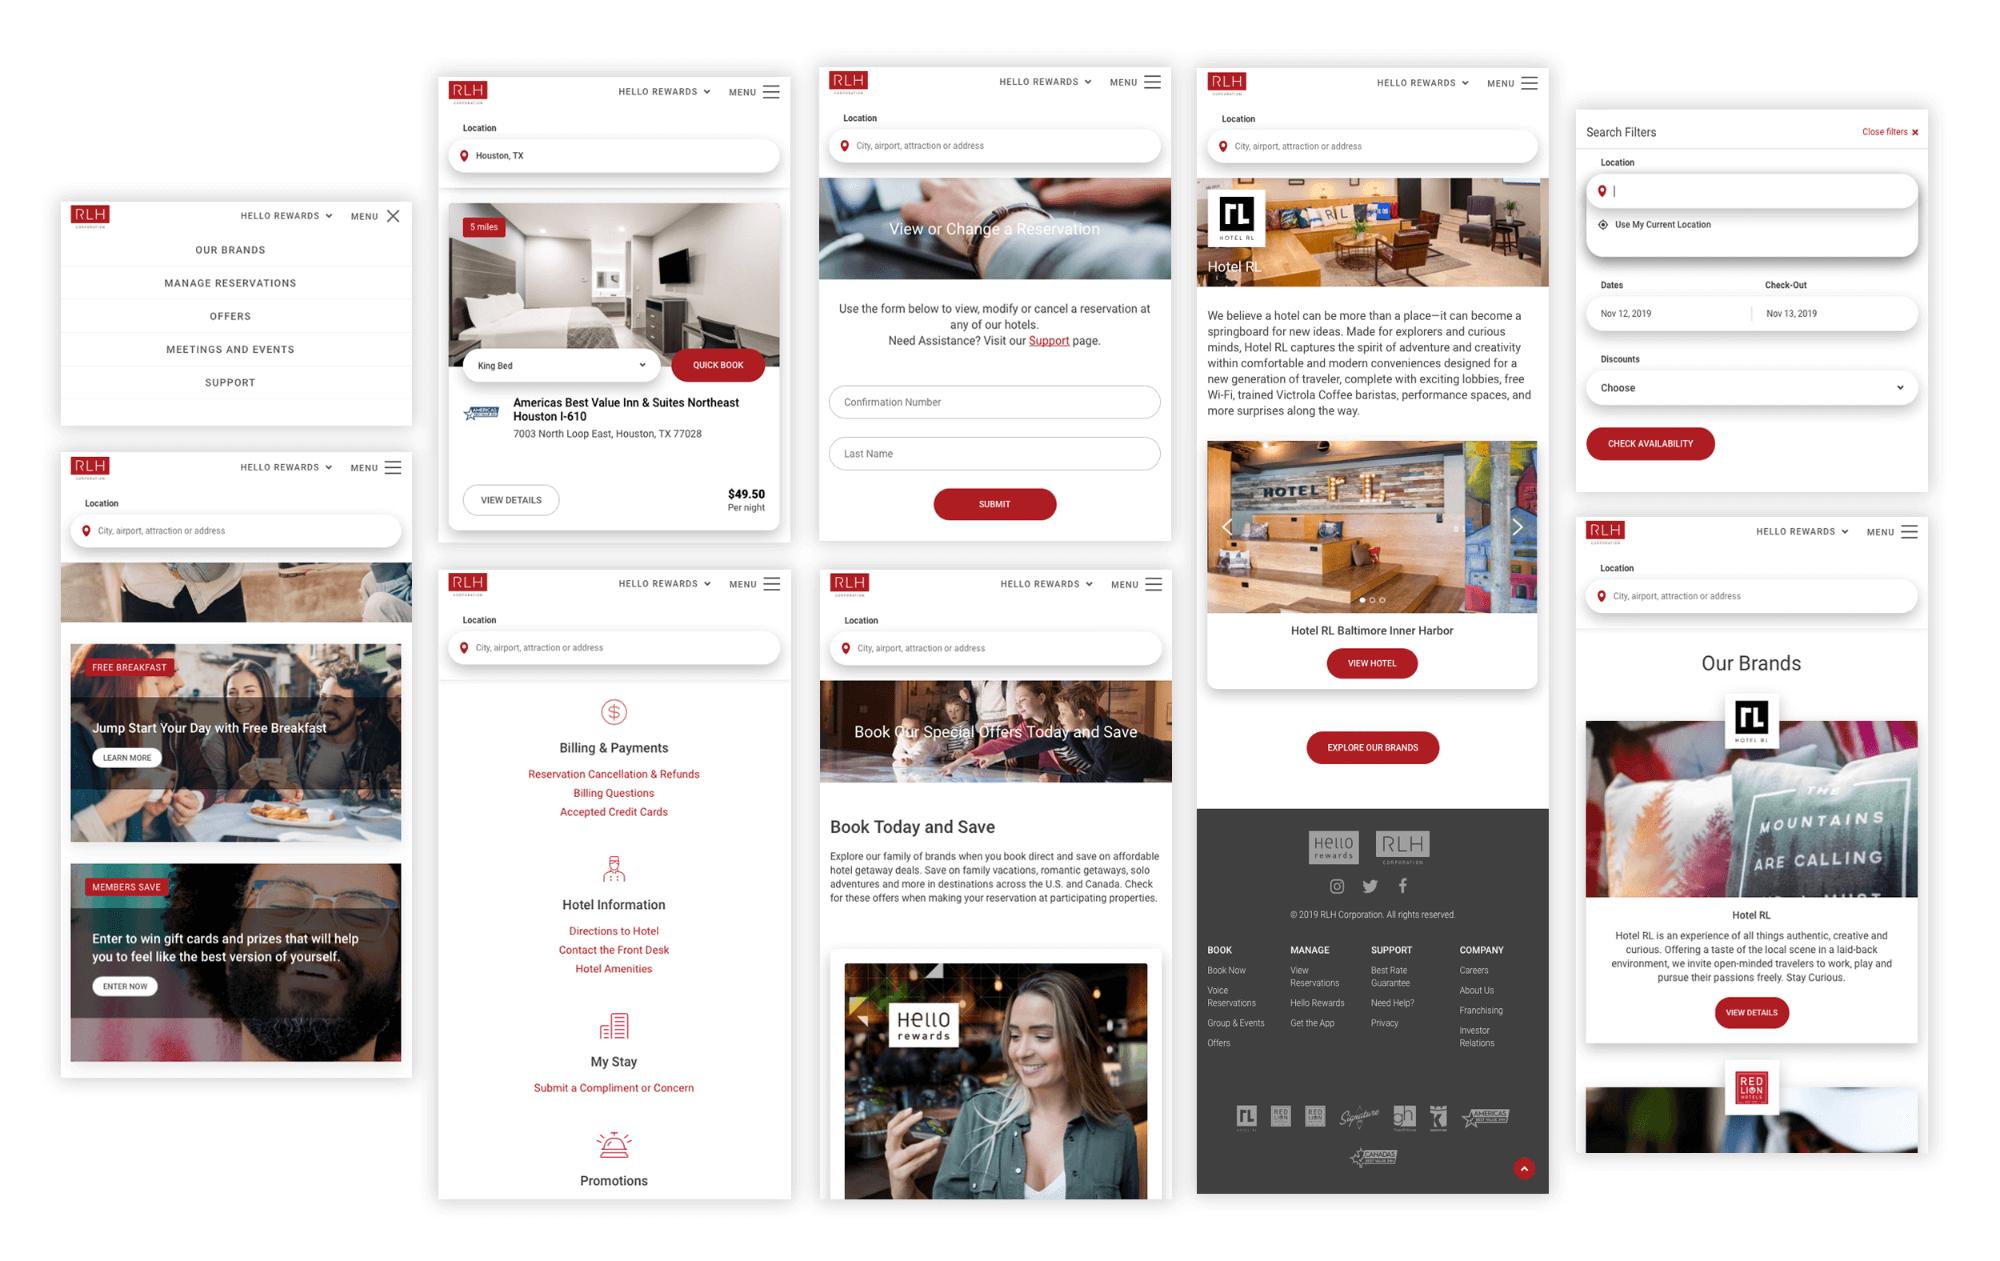 Red Lion Hotels Website